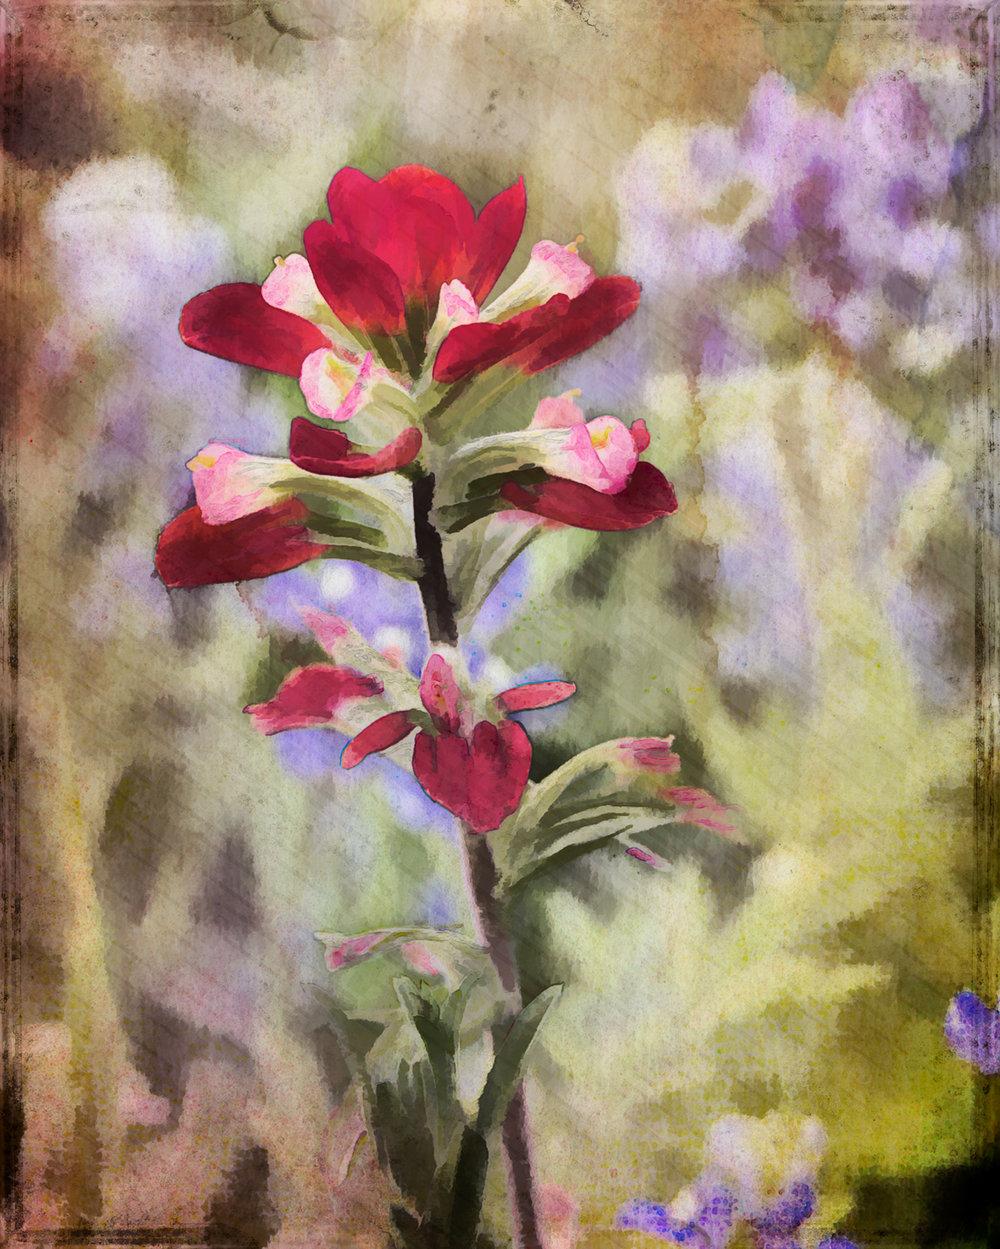 Wildflower-1-144.jpg